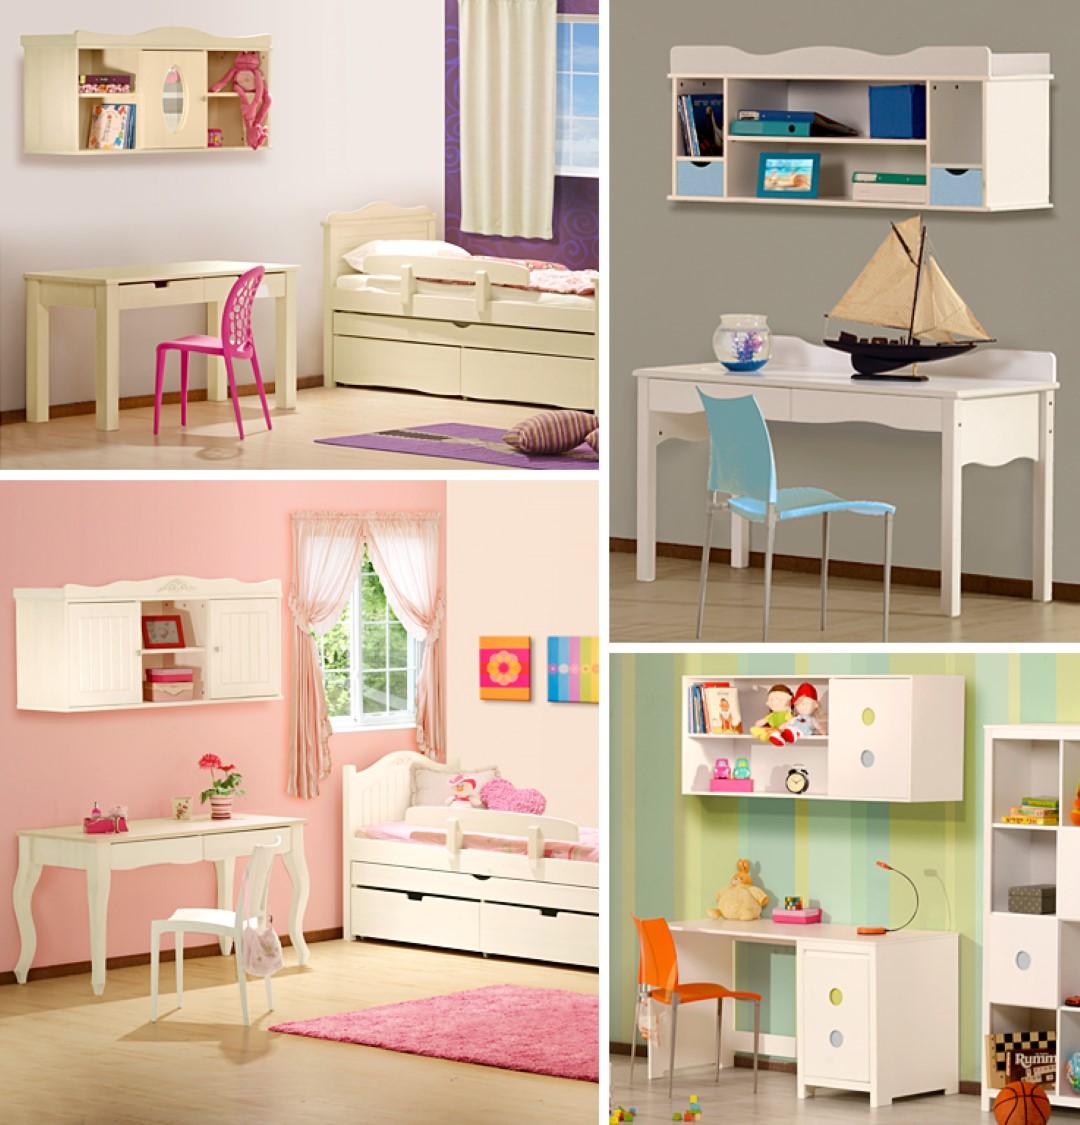 הצעה לעיצוב חדר הילדים לחג של רשת רהיטי עין חרוד ()